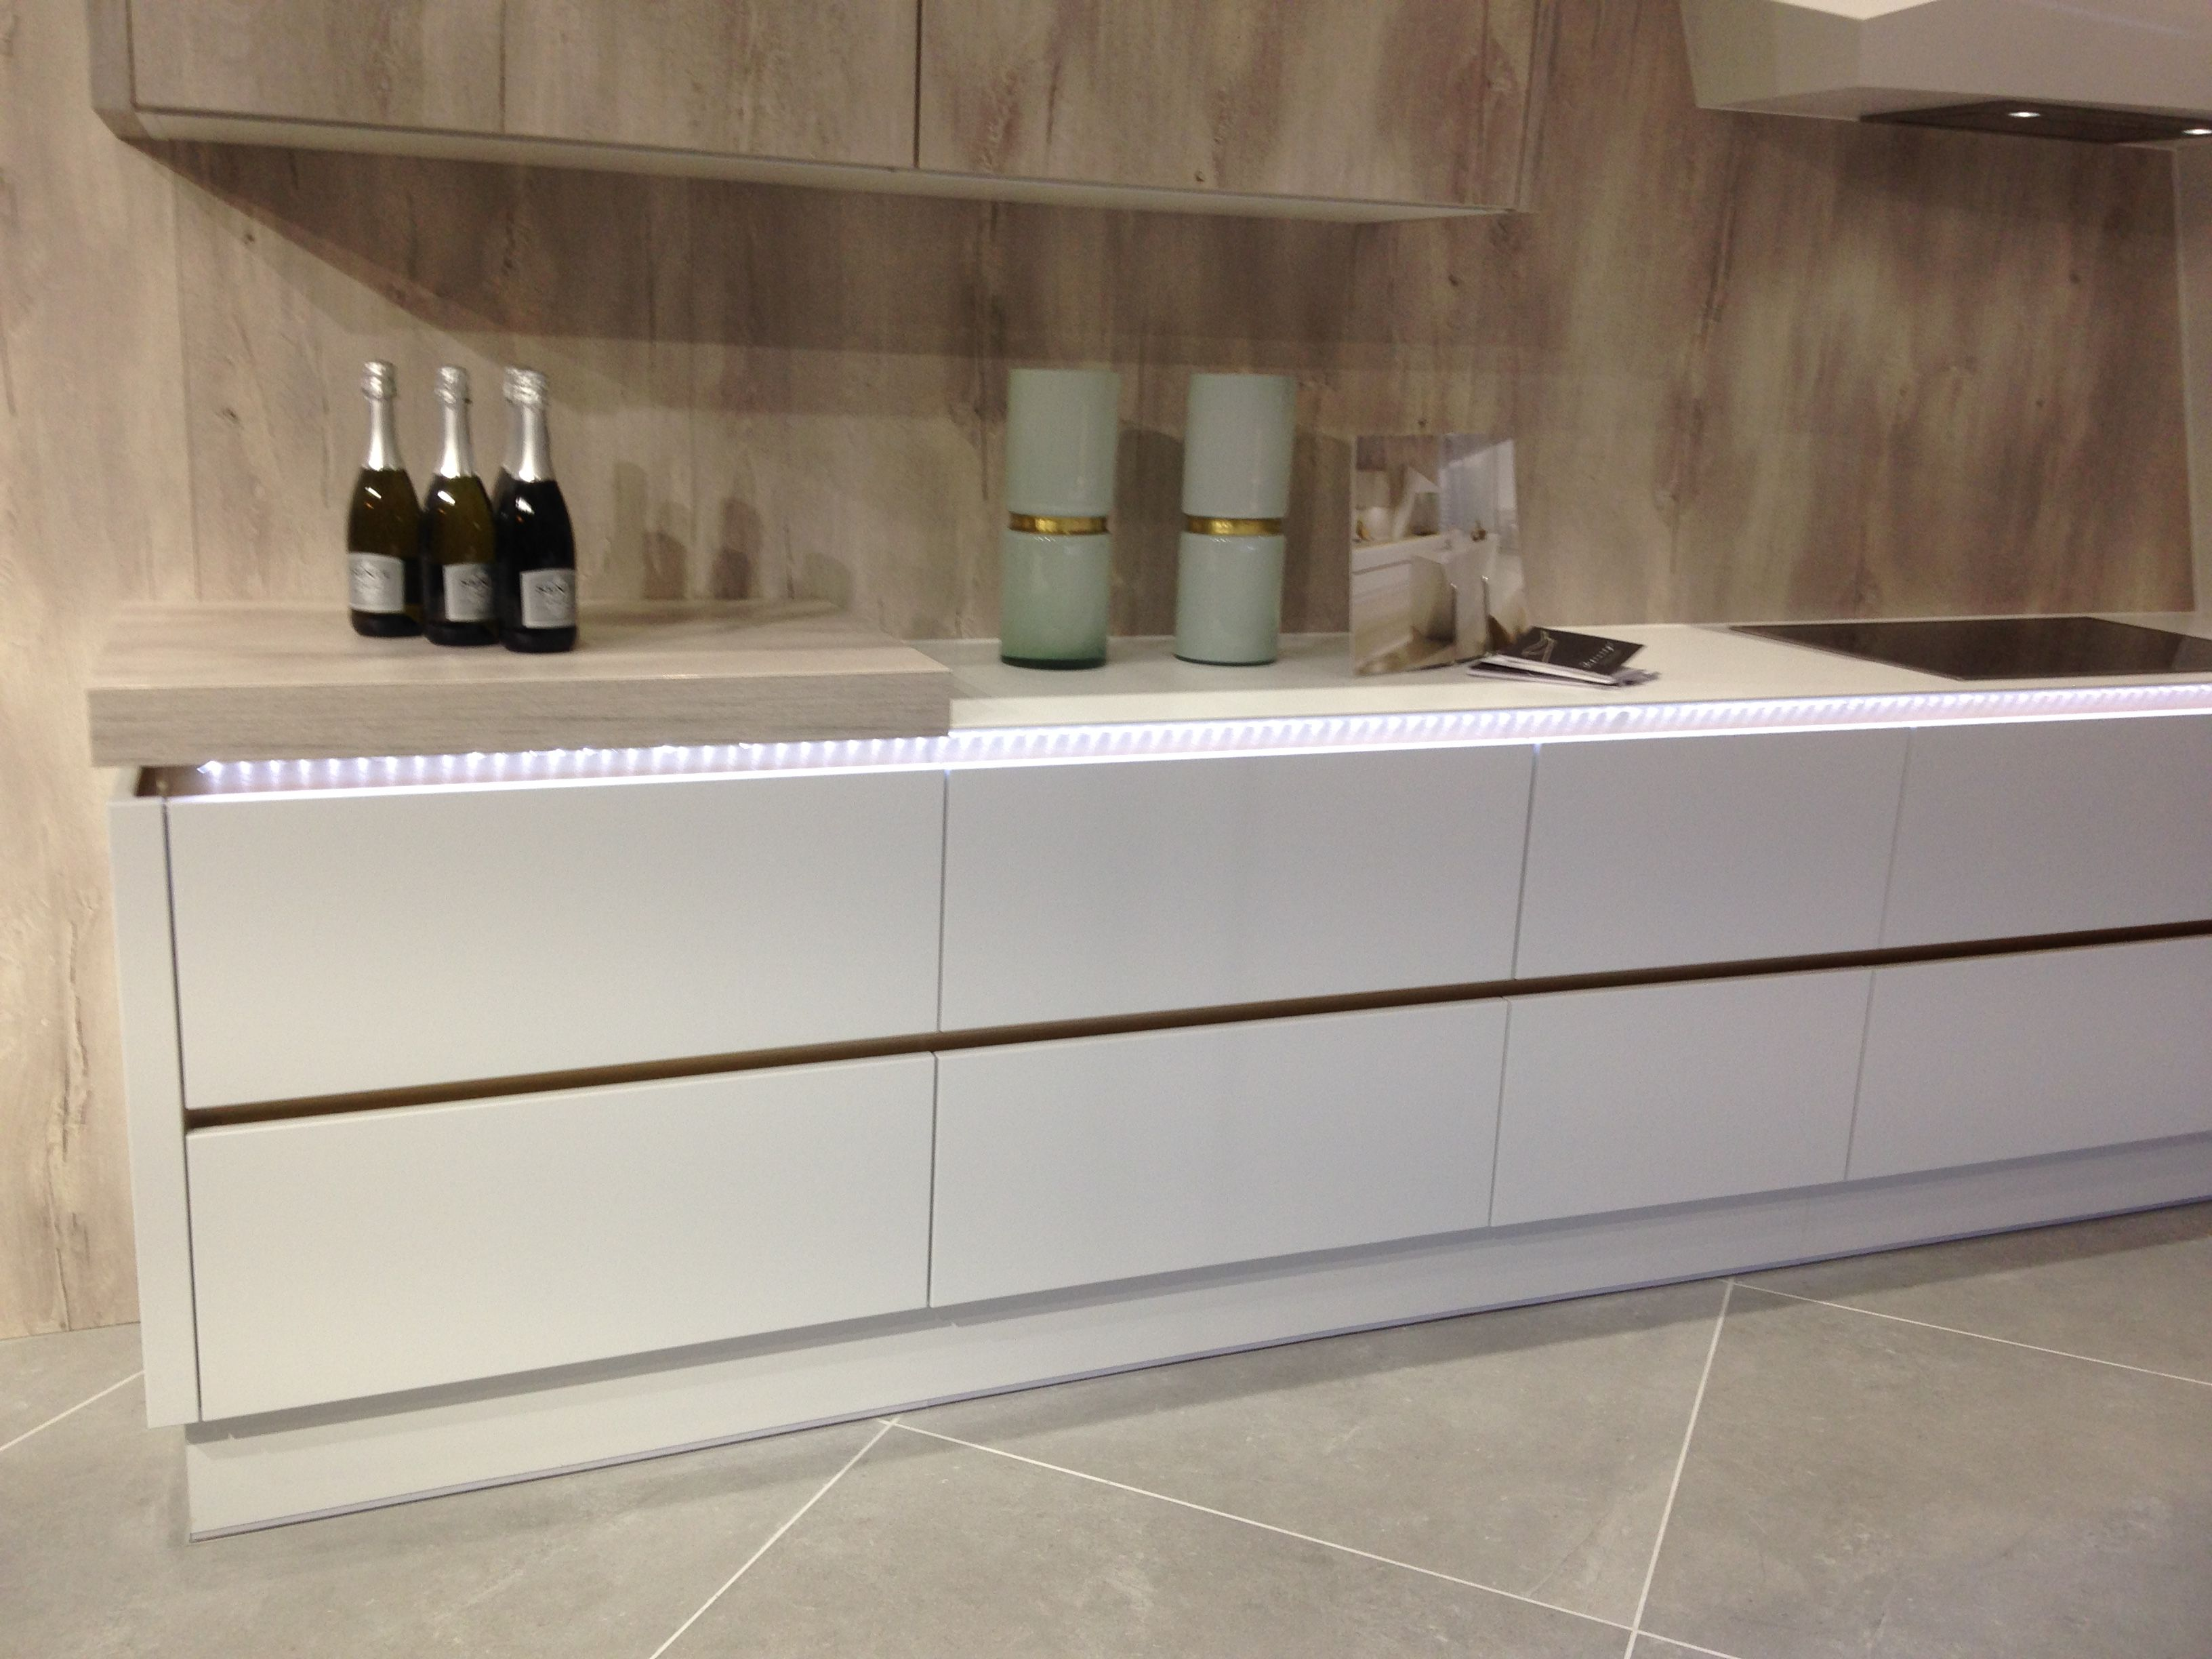 White Matt Milano Pacrylic? Wren Kitchens Kitchen